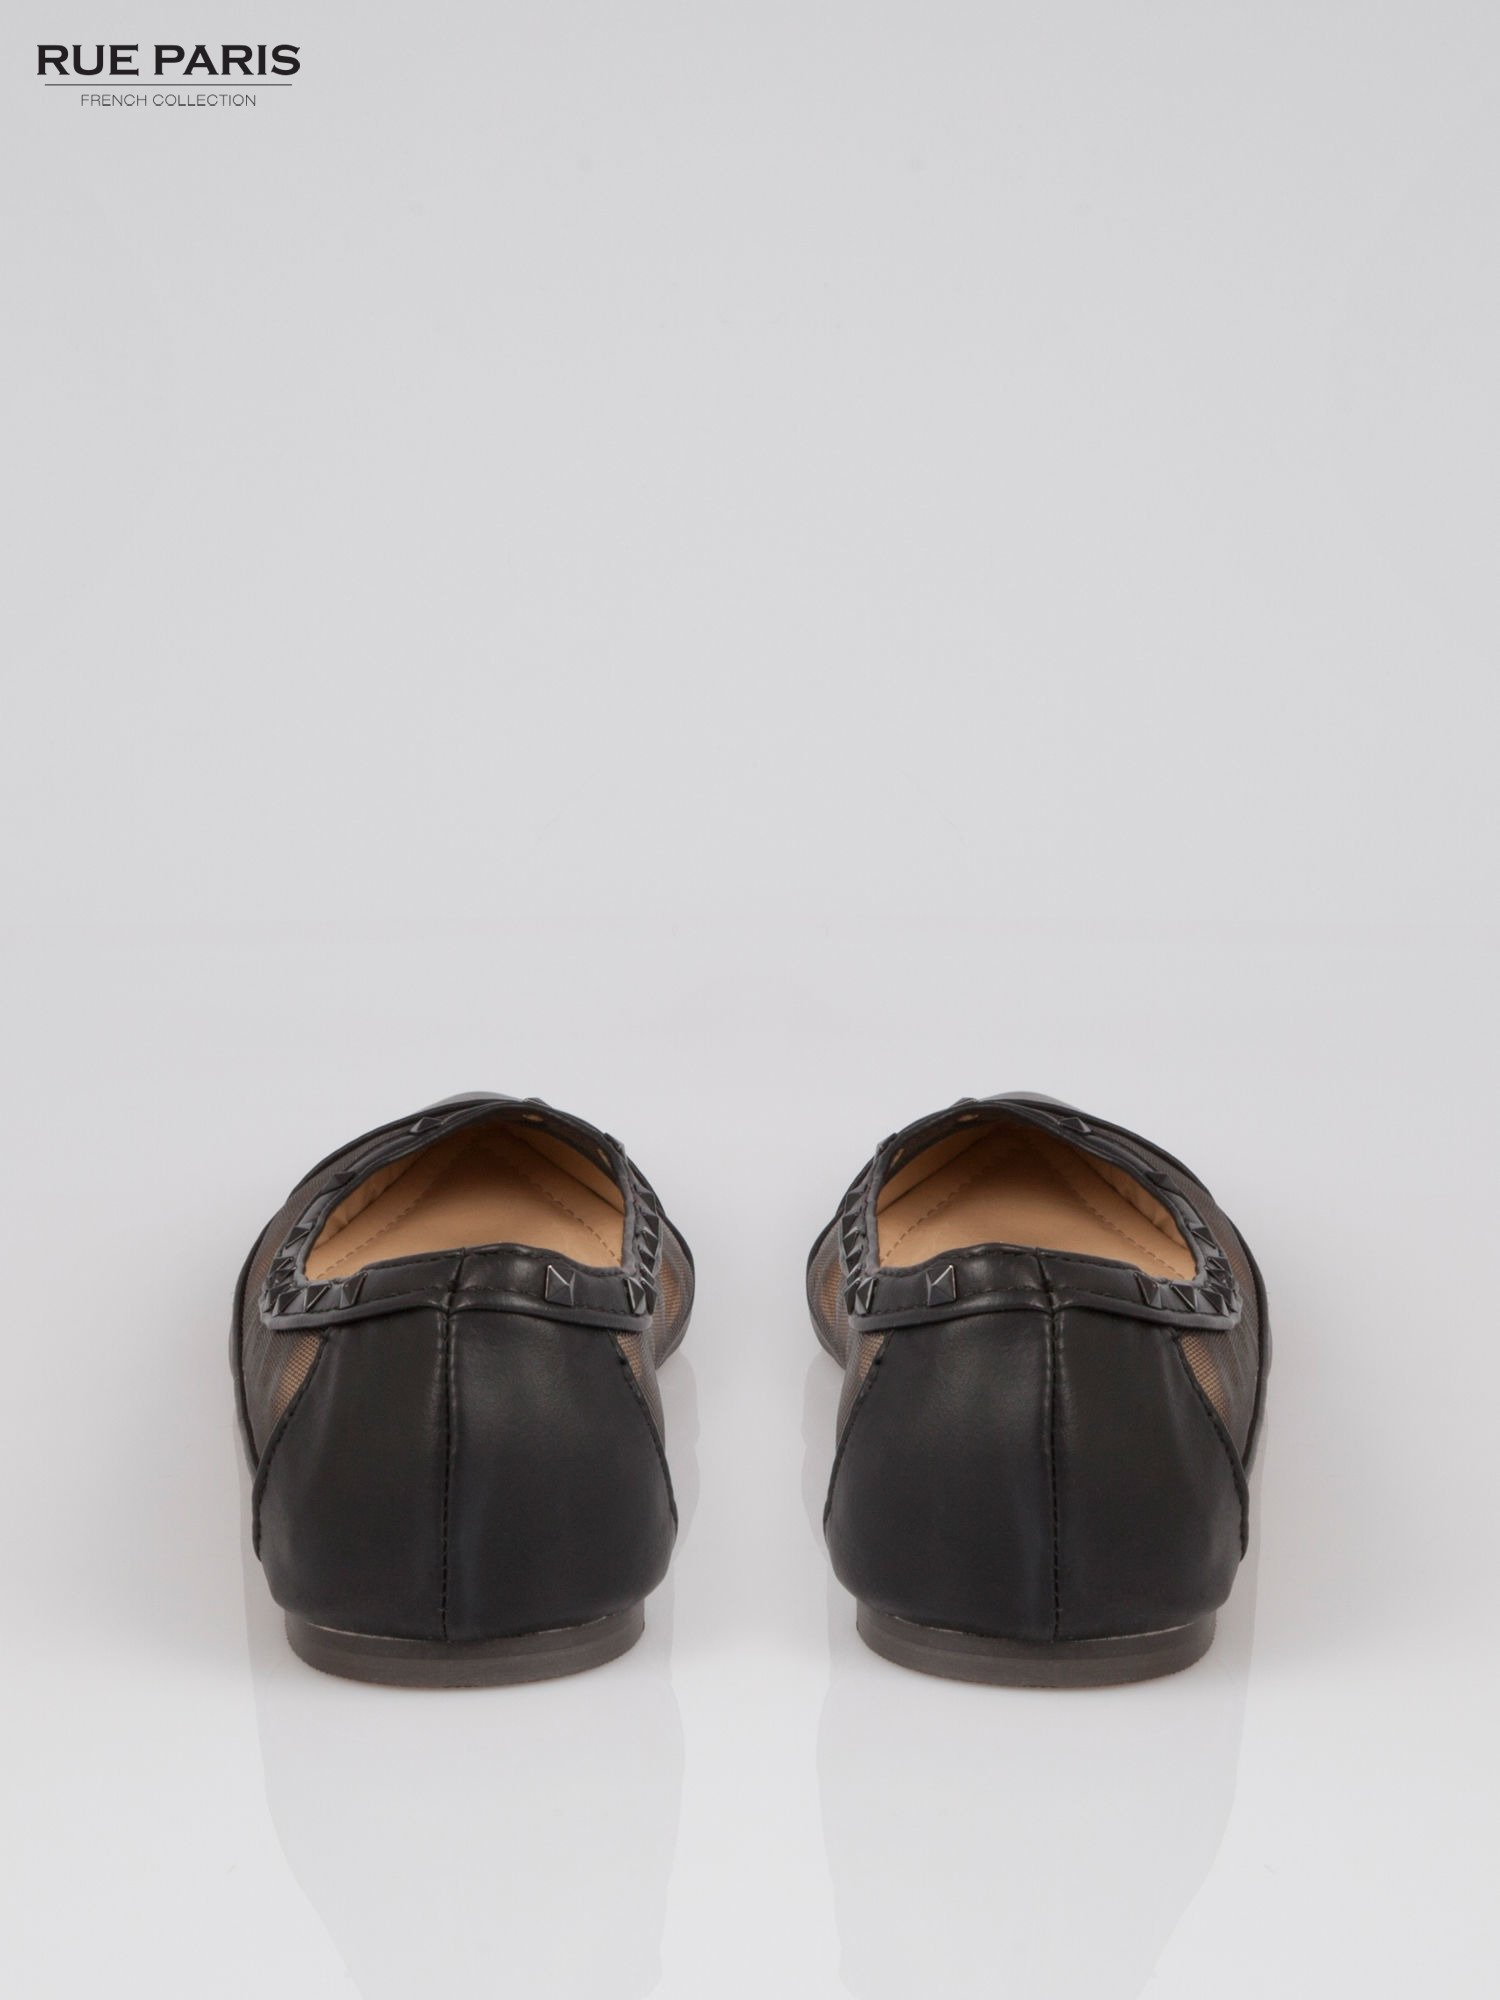 Czarne baleriny Crystal leather z siateczką i ćwiekami                                  zdj.                                  3